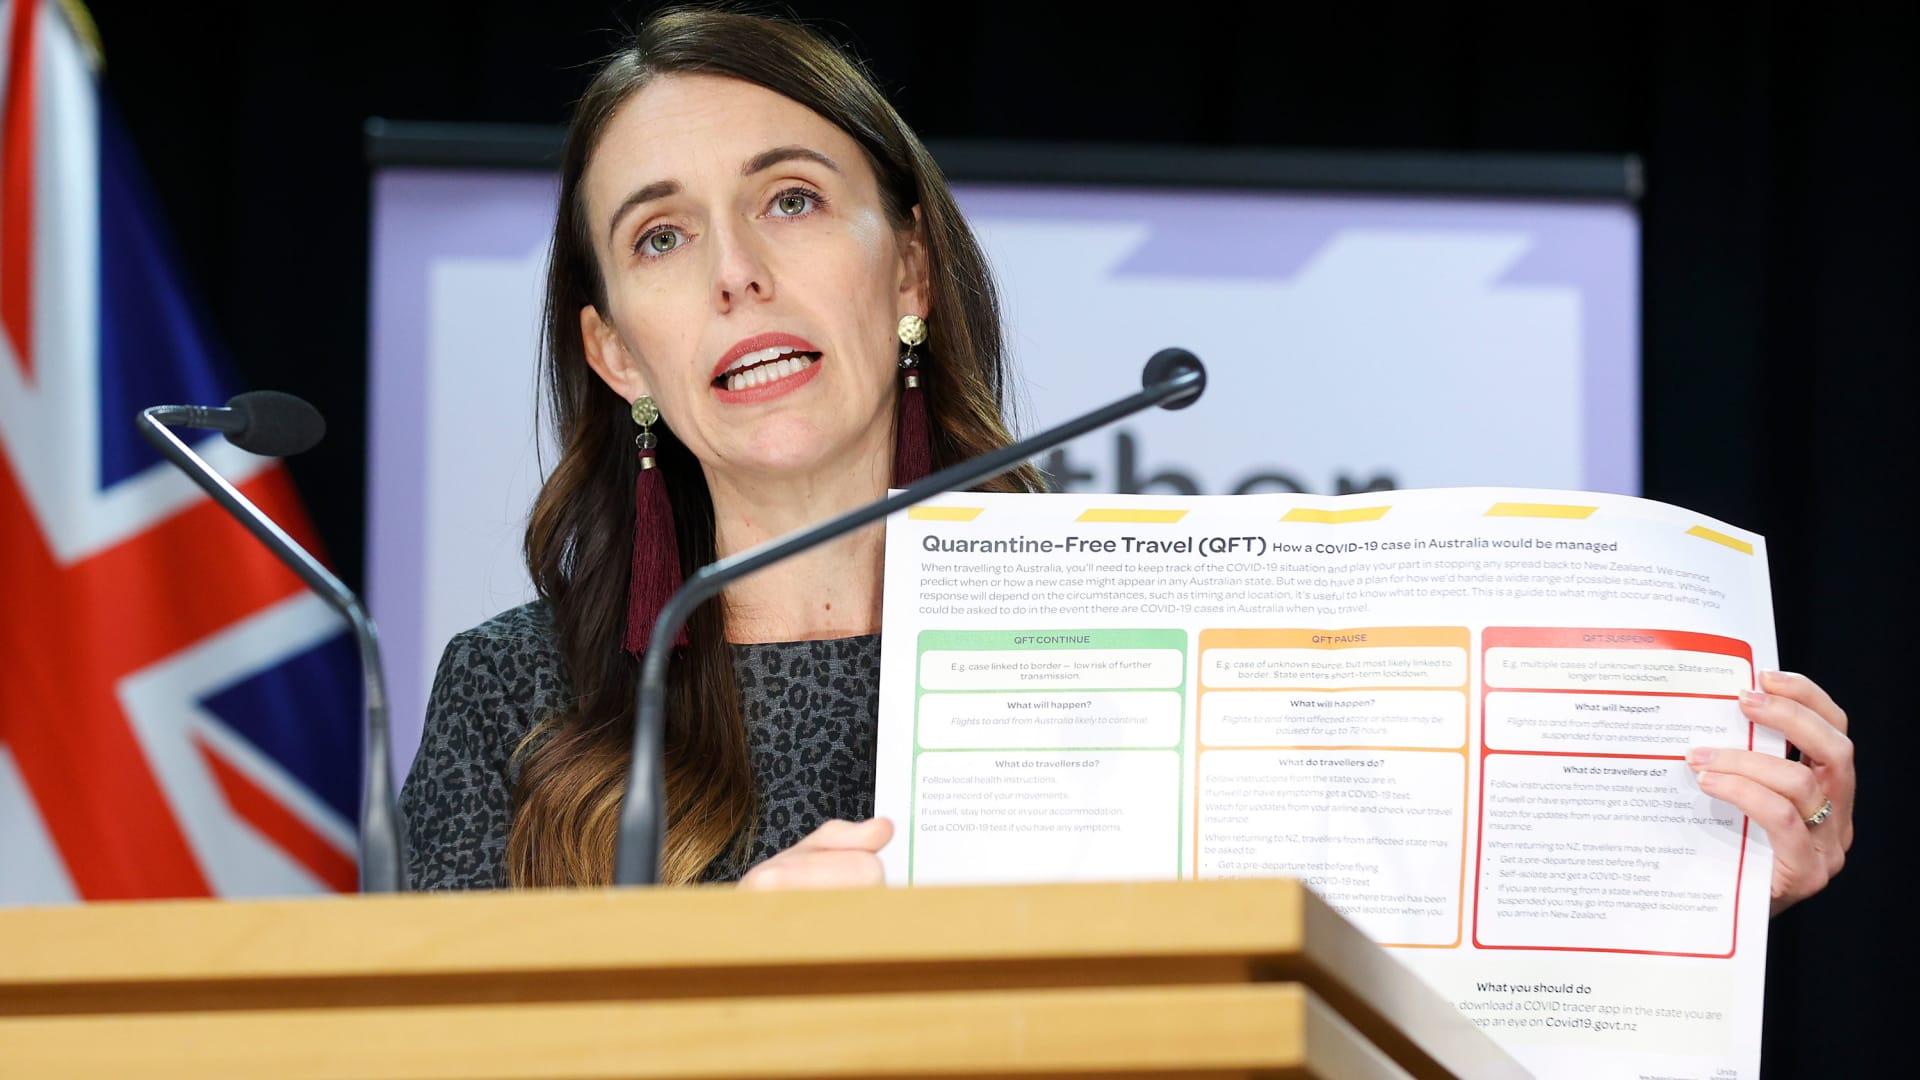 بظل كورونا.. افتتاح فقاعة السفر المنتظرة بين أستراليا ونيوزيلندا رسمياً في 18 أبريل